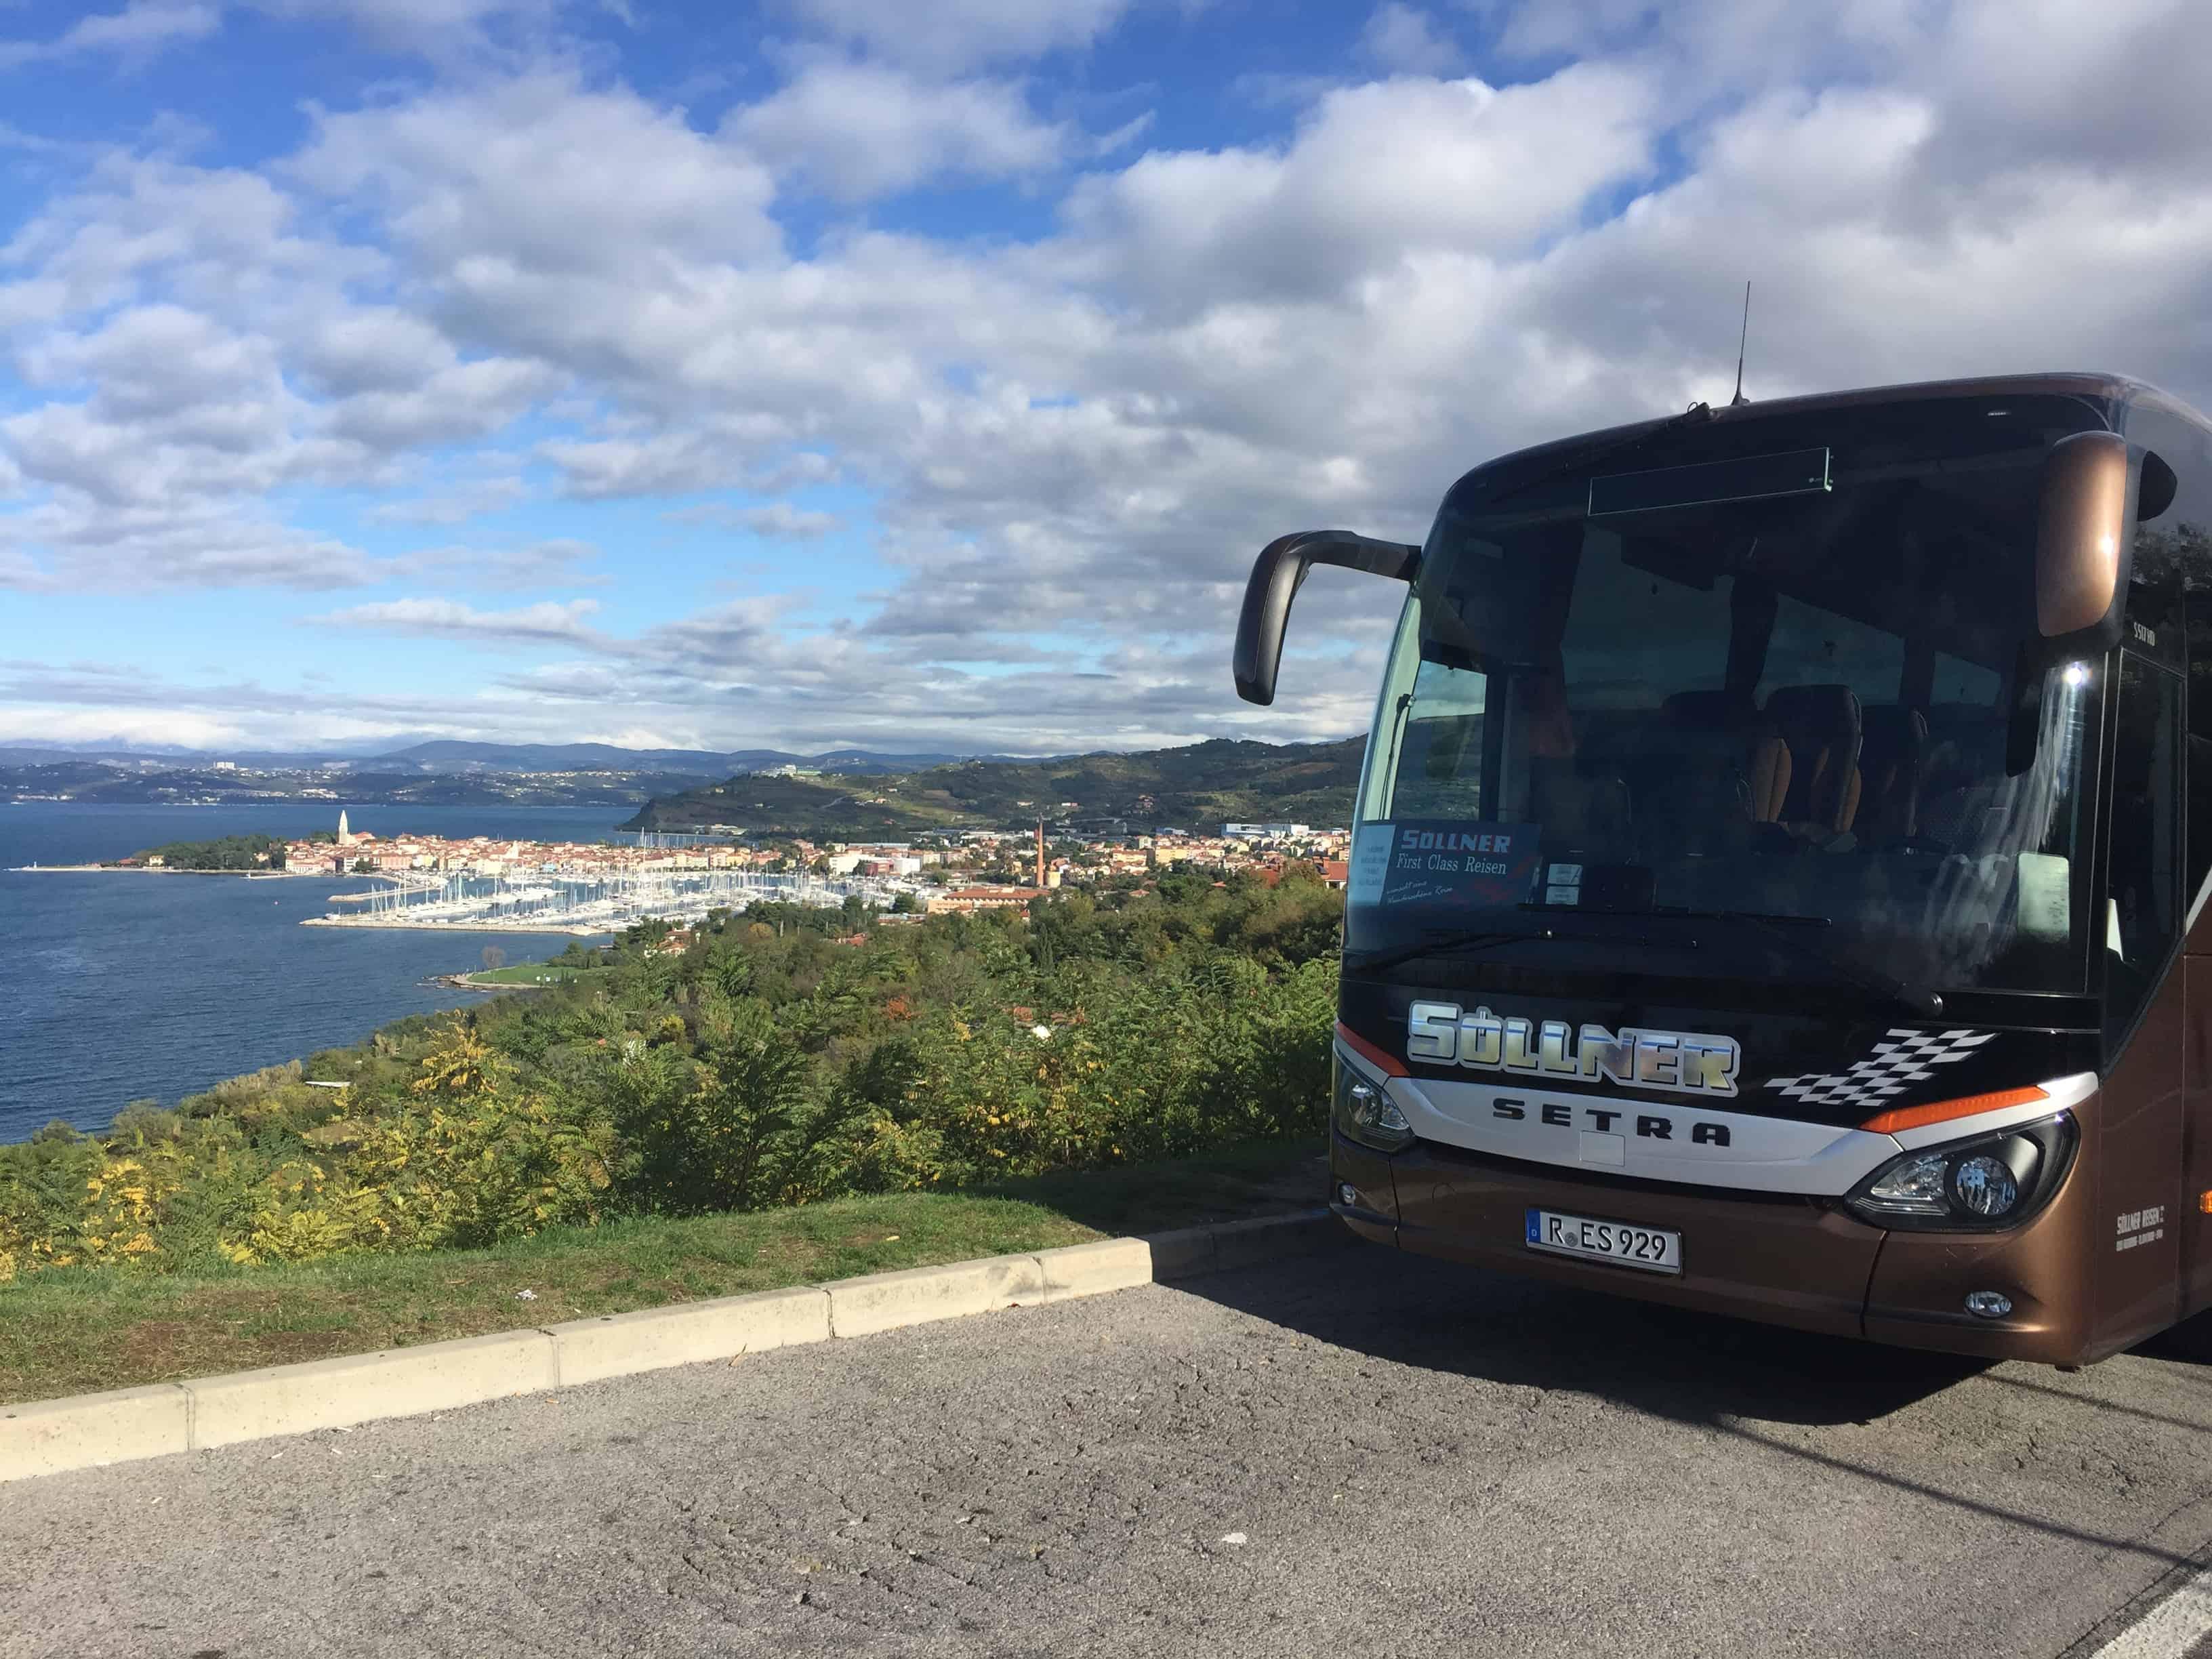 Mit Söllner Reisen in die schottischen Highlands und nach Slowenien